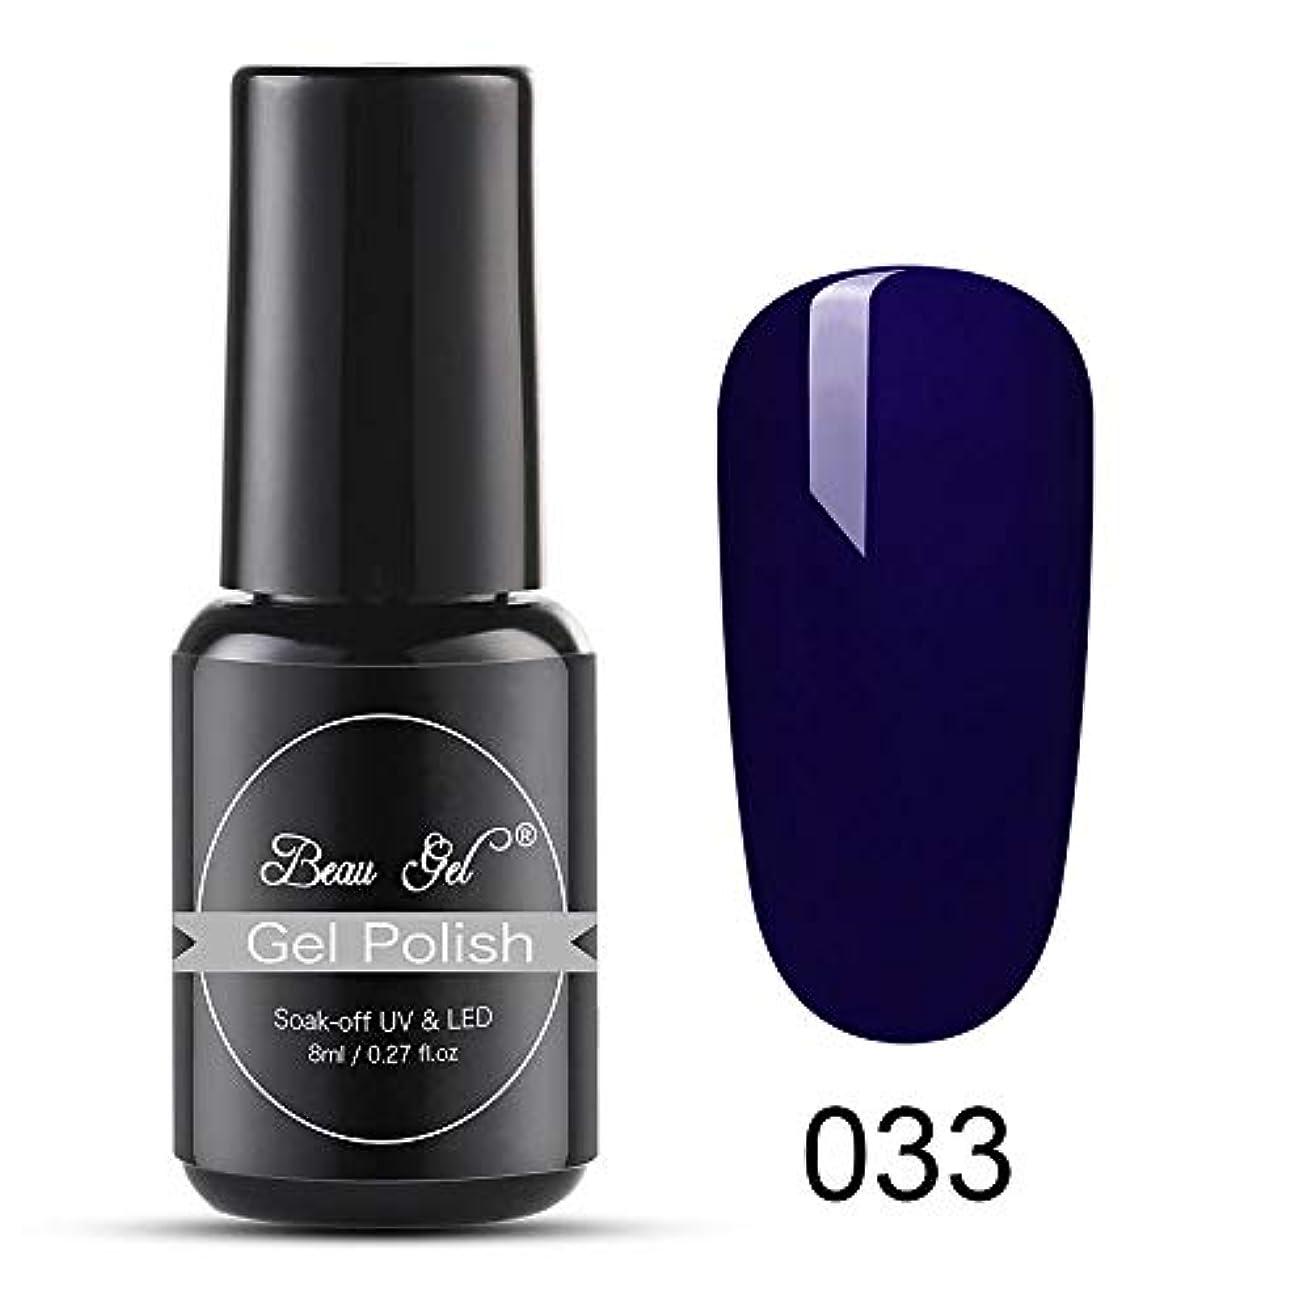 約設定風邪をひくハックBeau gel ジェルネイル カラージェル 超長い蓋 塗りが便利 1色入り8ml-30033